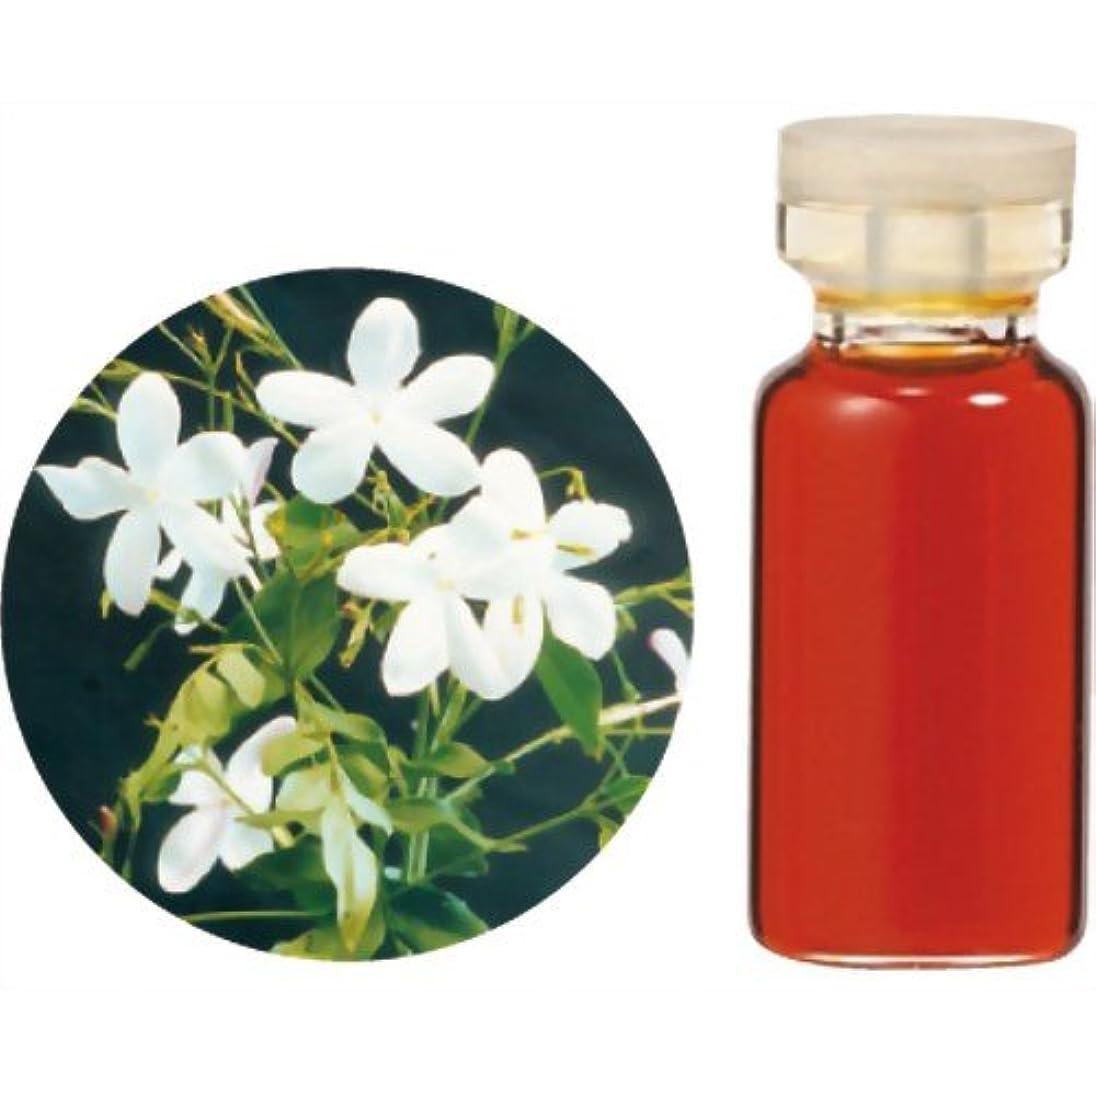 インドソース美容師生活の木 C 花精油 ジャスミン アブソリュート エッセンシャルオイル 3ml